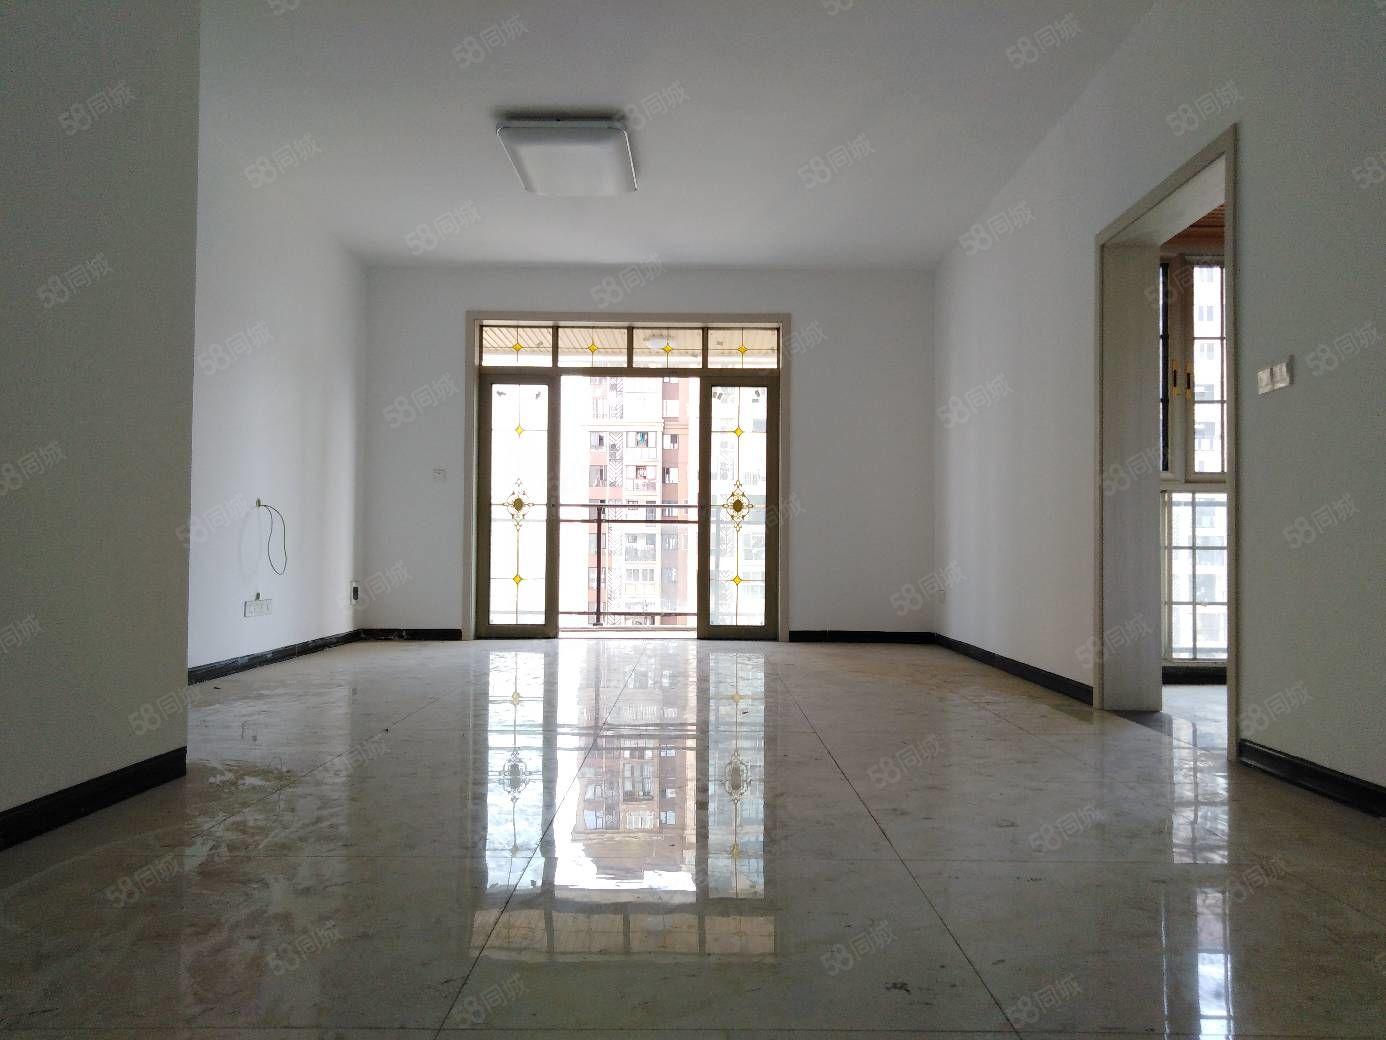 龙马潭高端小区玉带龙庭住家四房带产权车位价格优势的很